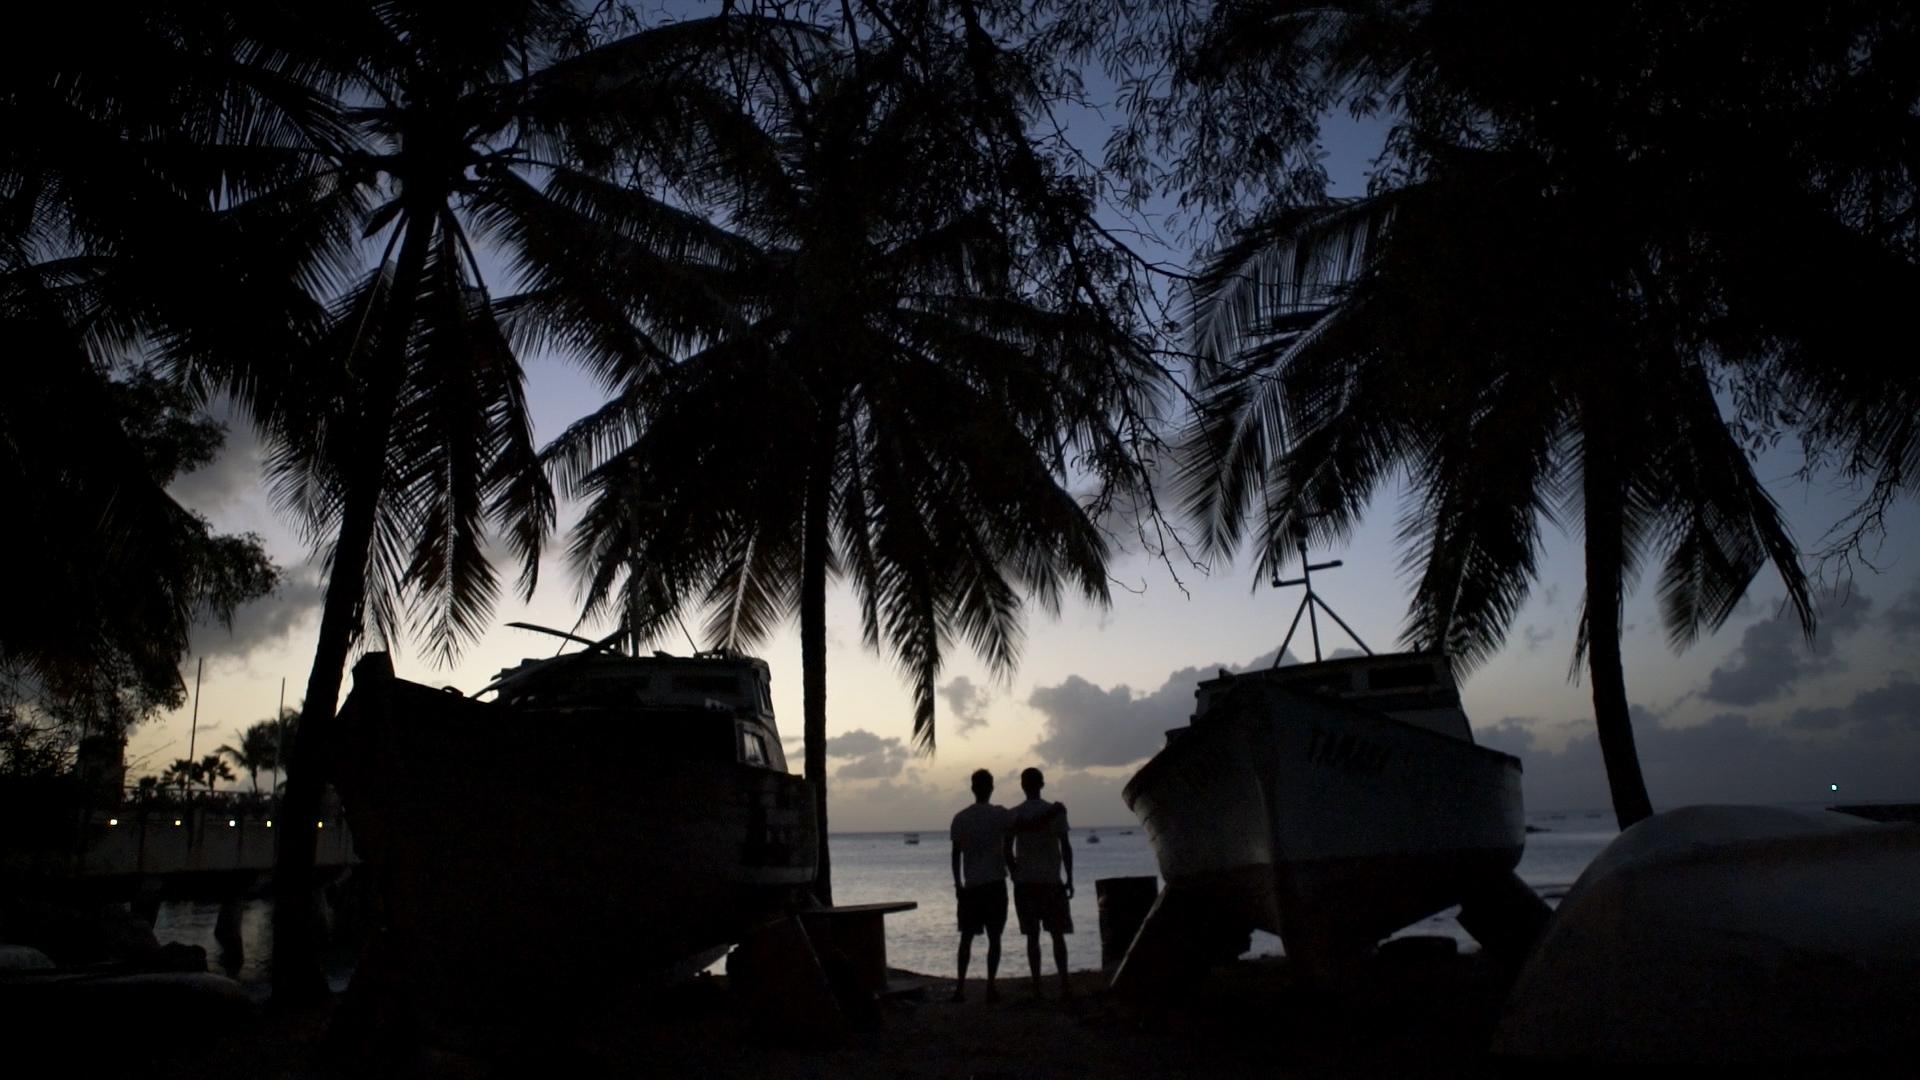 gran-canaria-film-photography-barbados-rowing-ocean-brothers-4